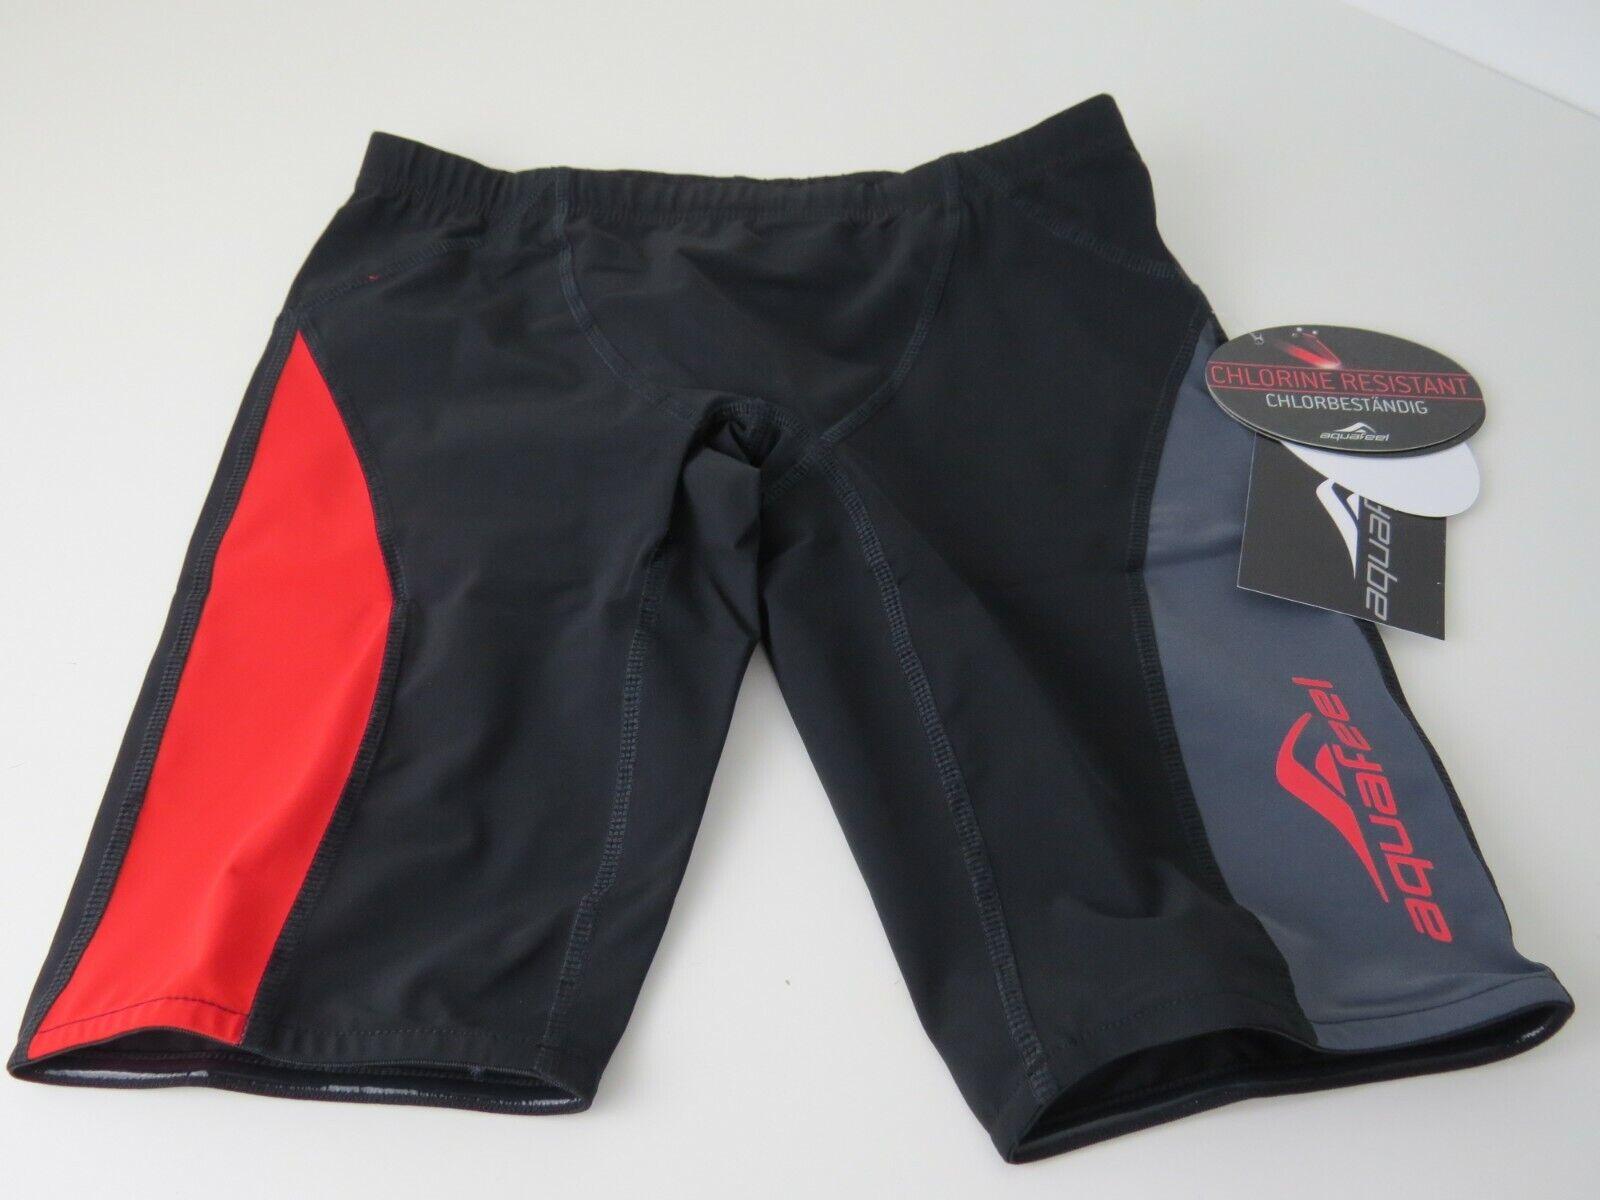 Nuevo Para Hombre Velocidad Boost bloqueadores Aquafeel-Negro Rojo, S o M